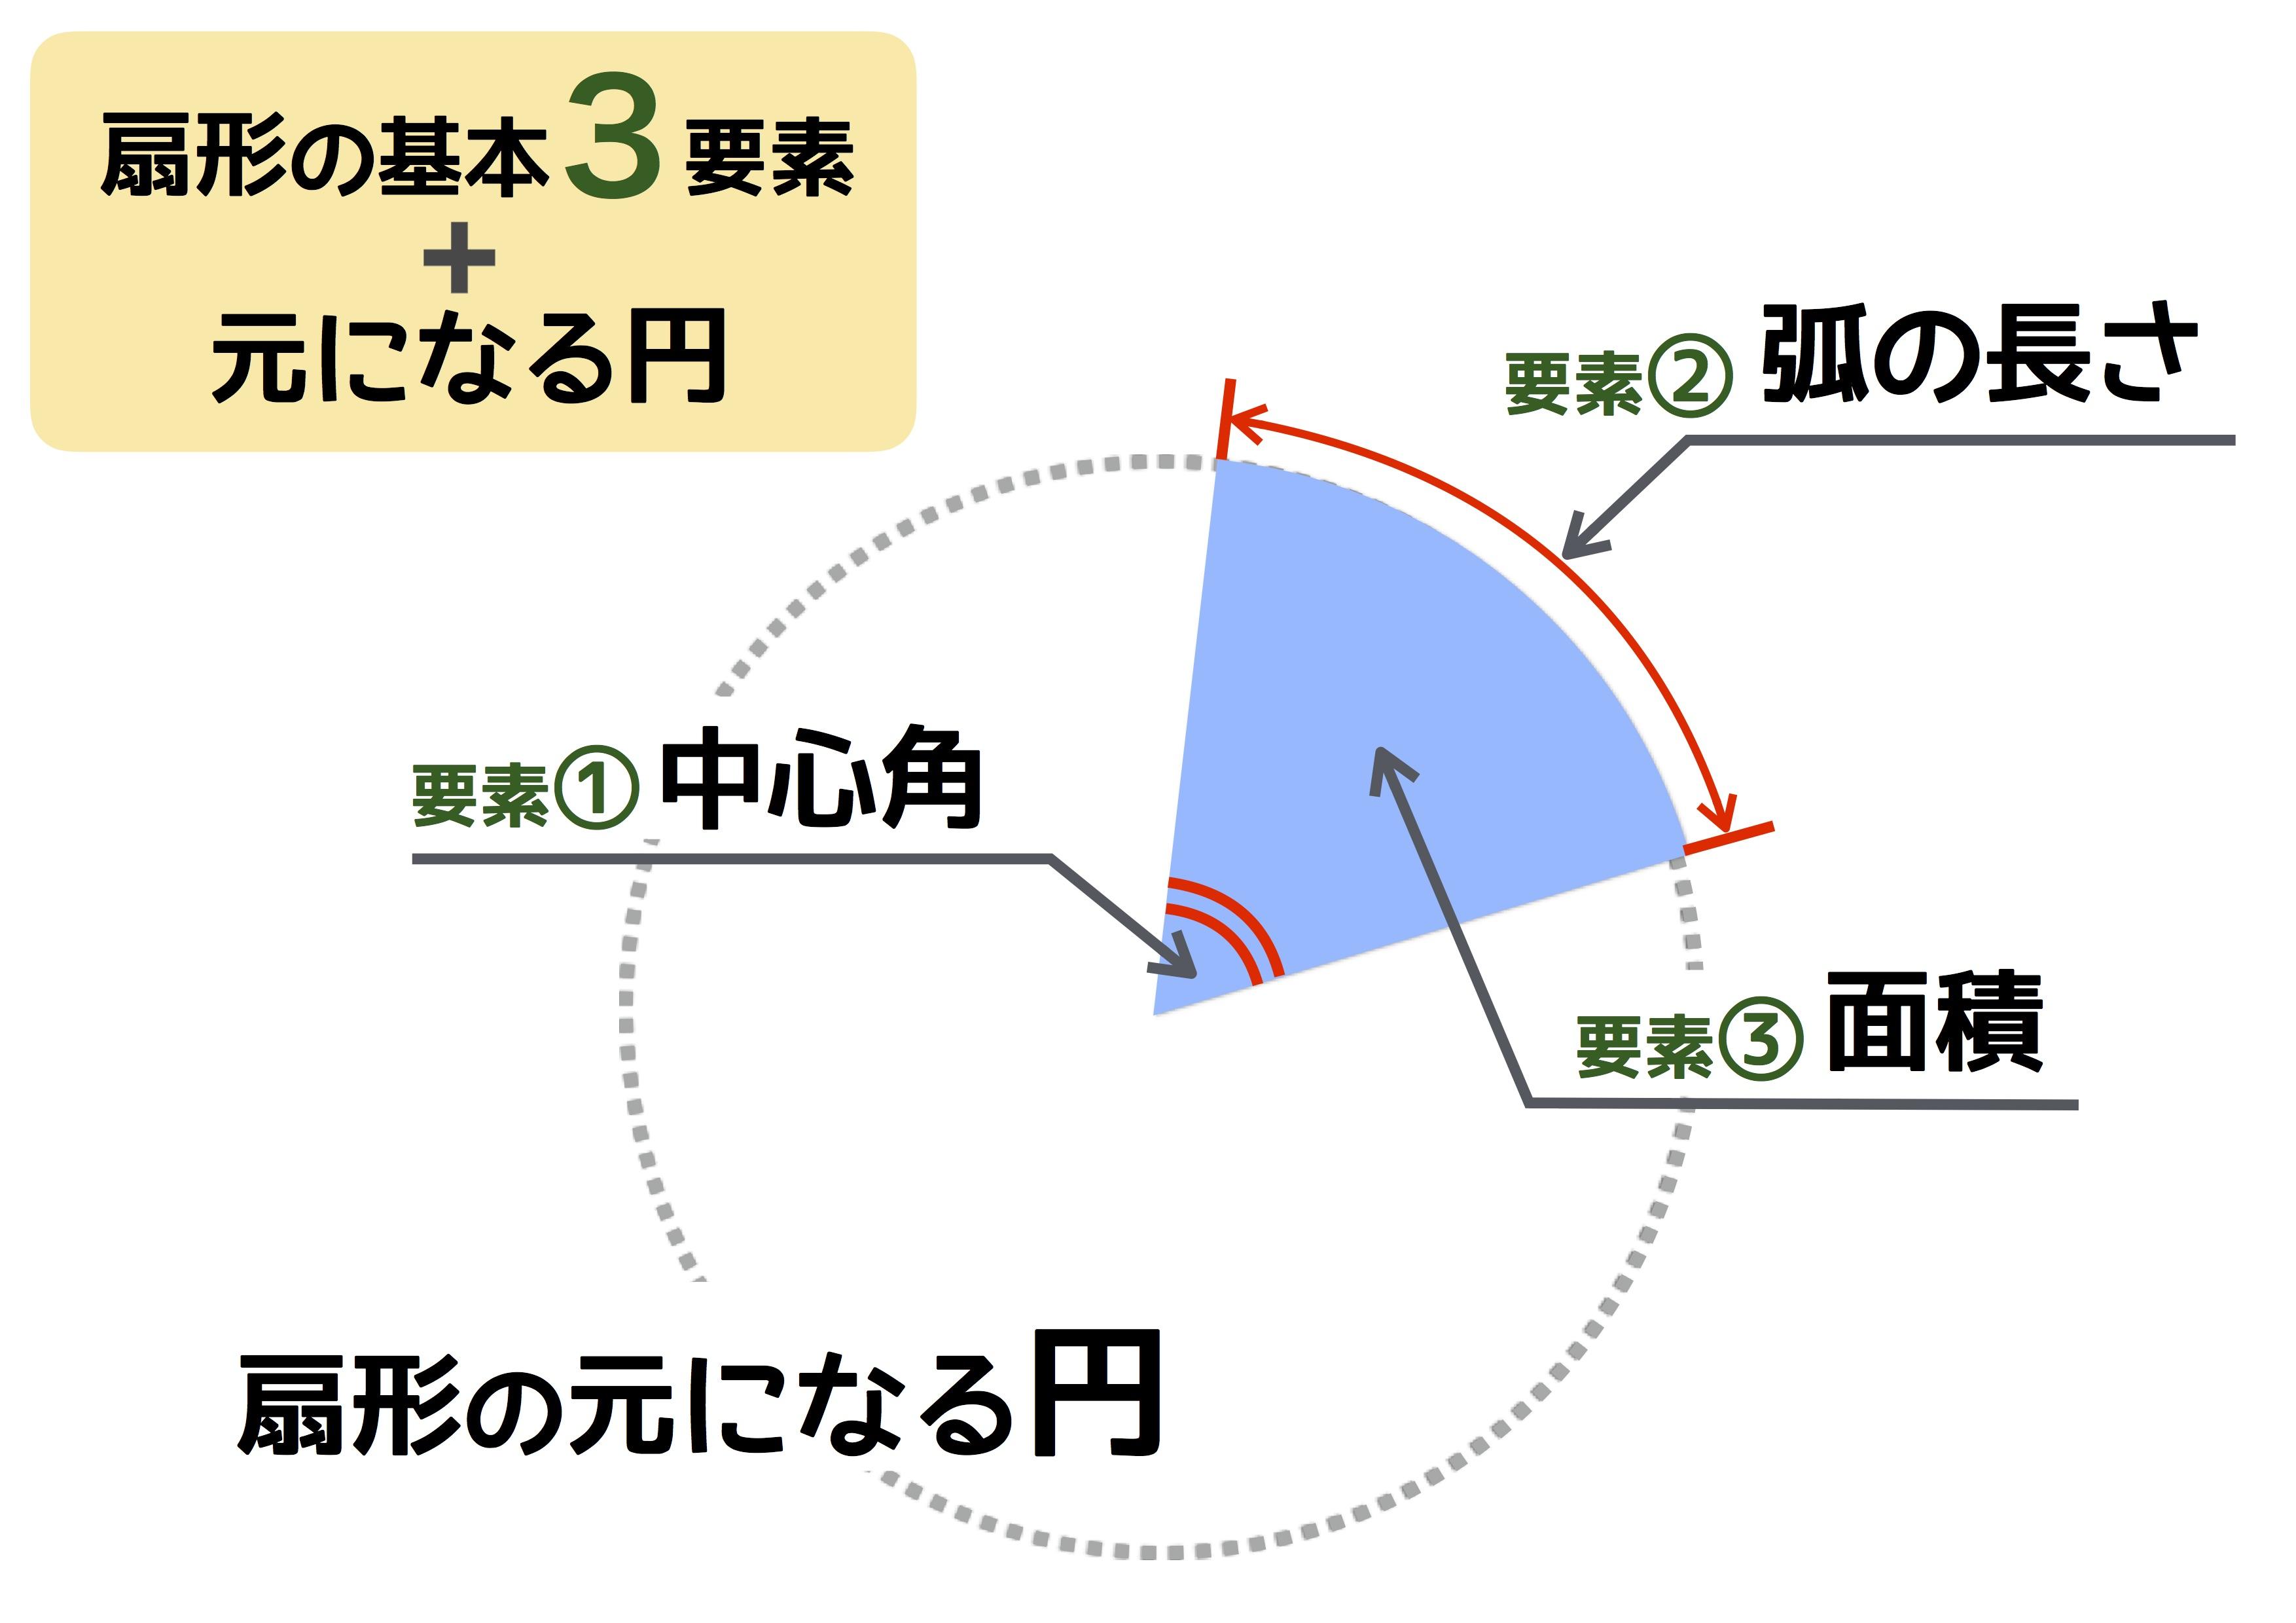 弧 求め 扇形 方 の